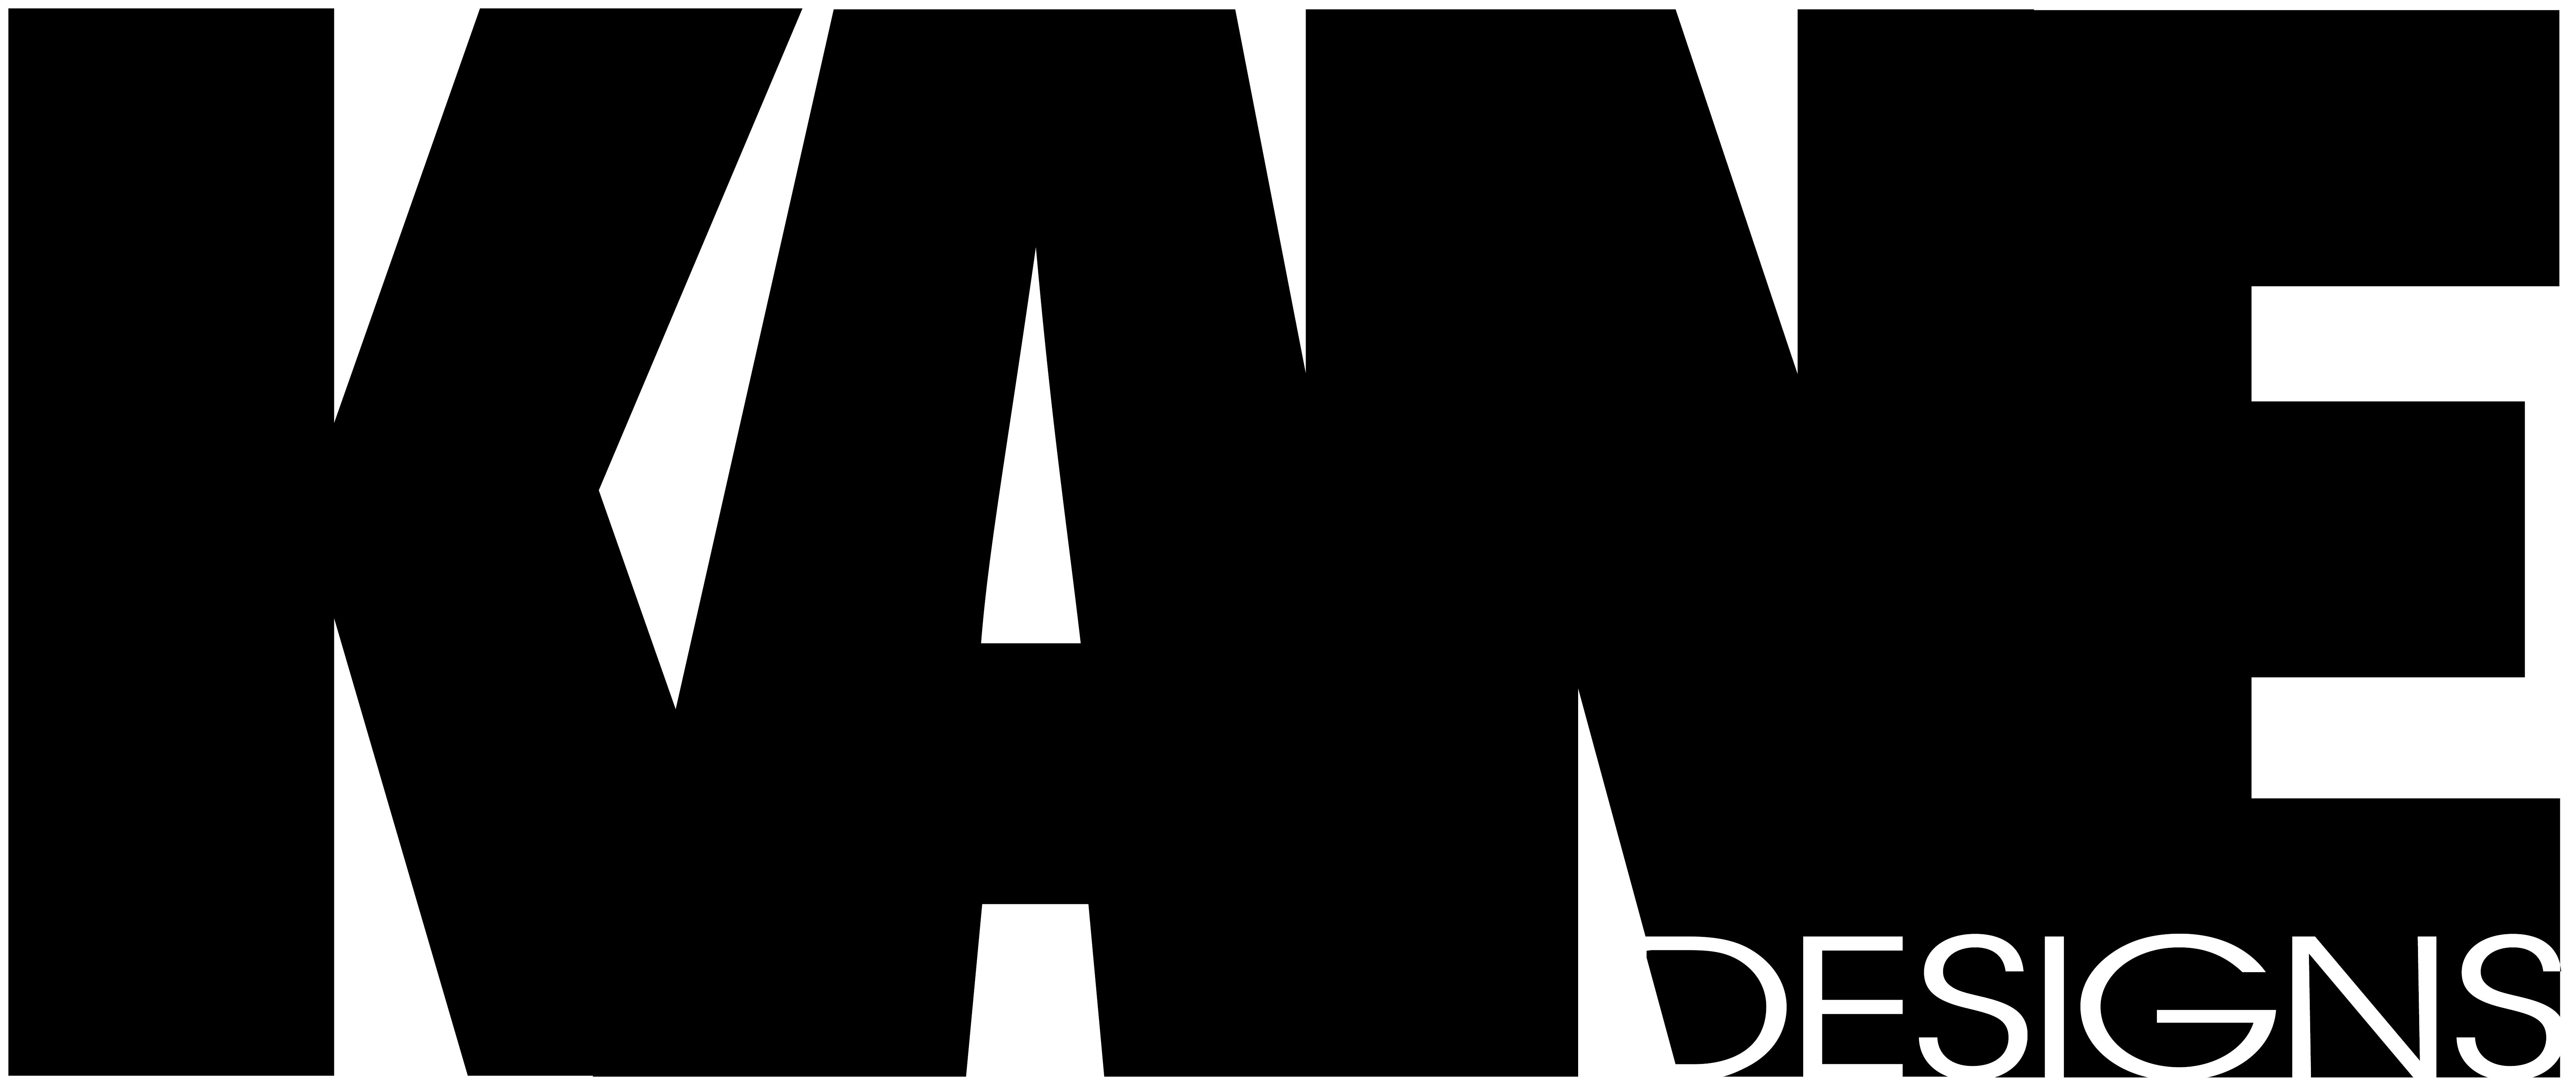 KANEdesigns logo